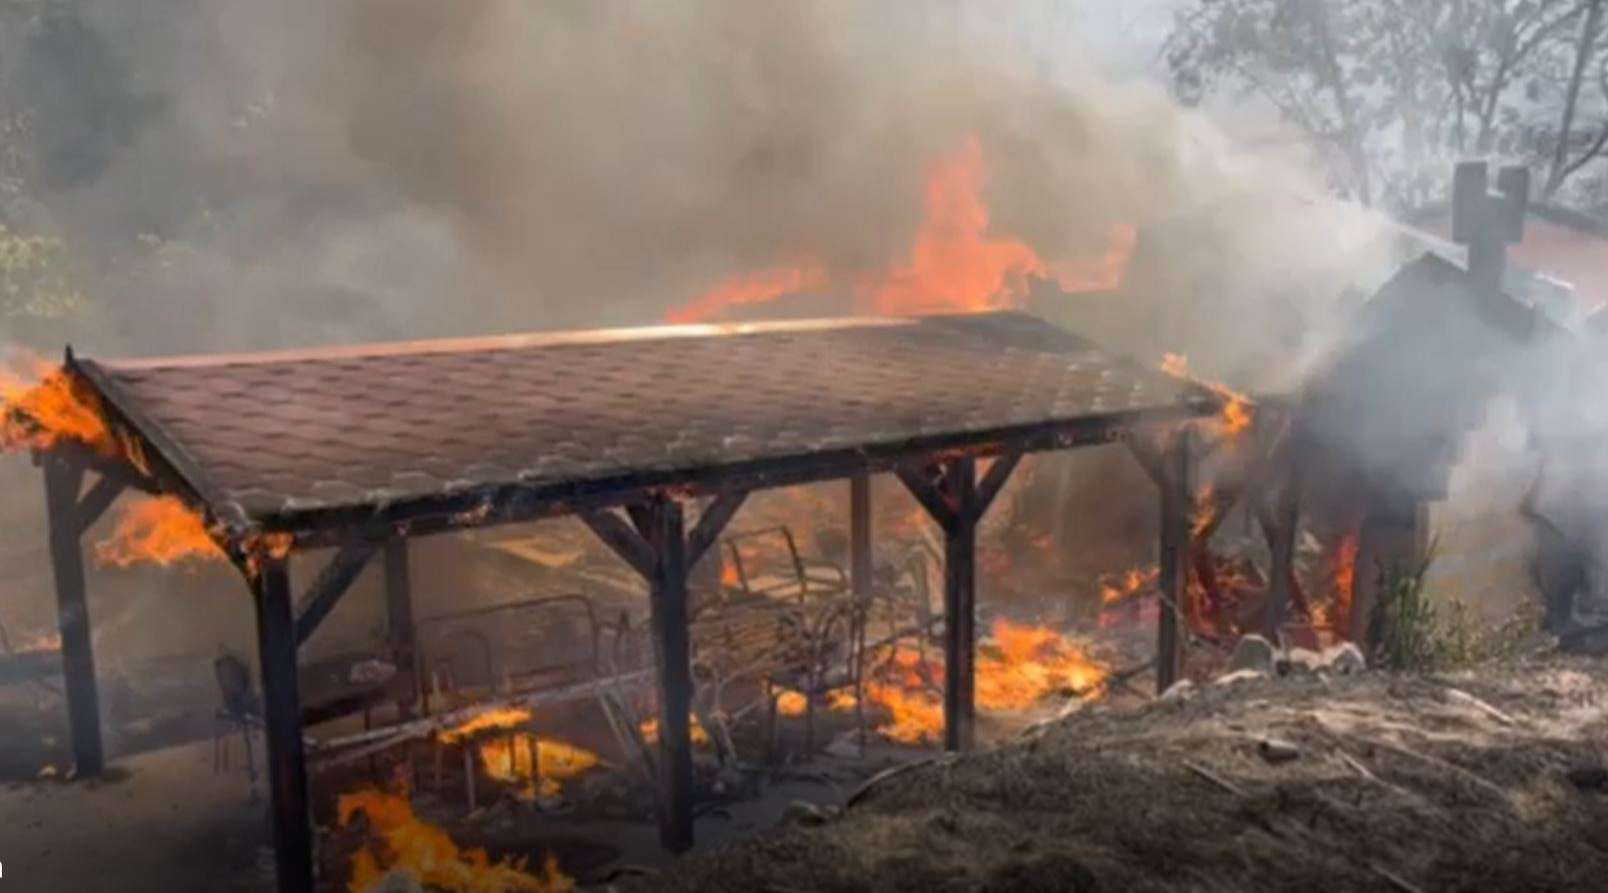 Επιστημονική Ομάδα του Πανεπιστημίου Αθηνών επισκέπτεται τις πυρόπληκτες περιοχές σε ορεινή Λάρνακα και Λεμεσό